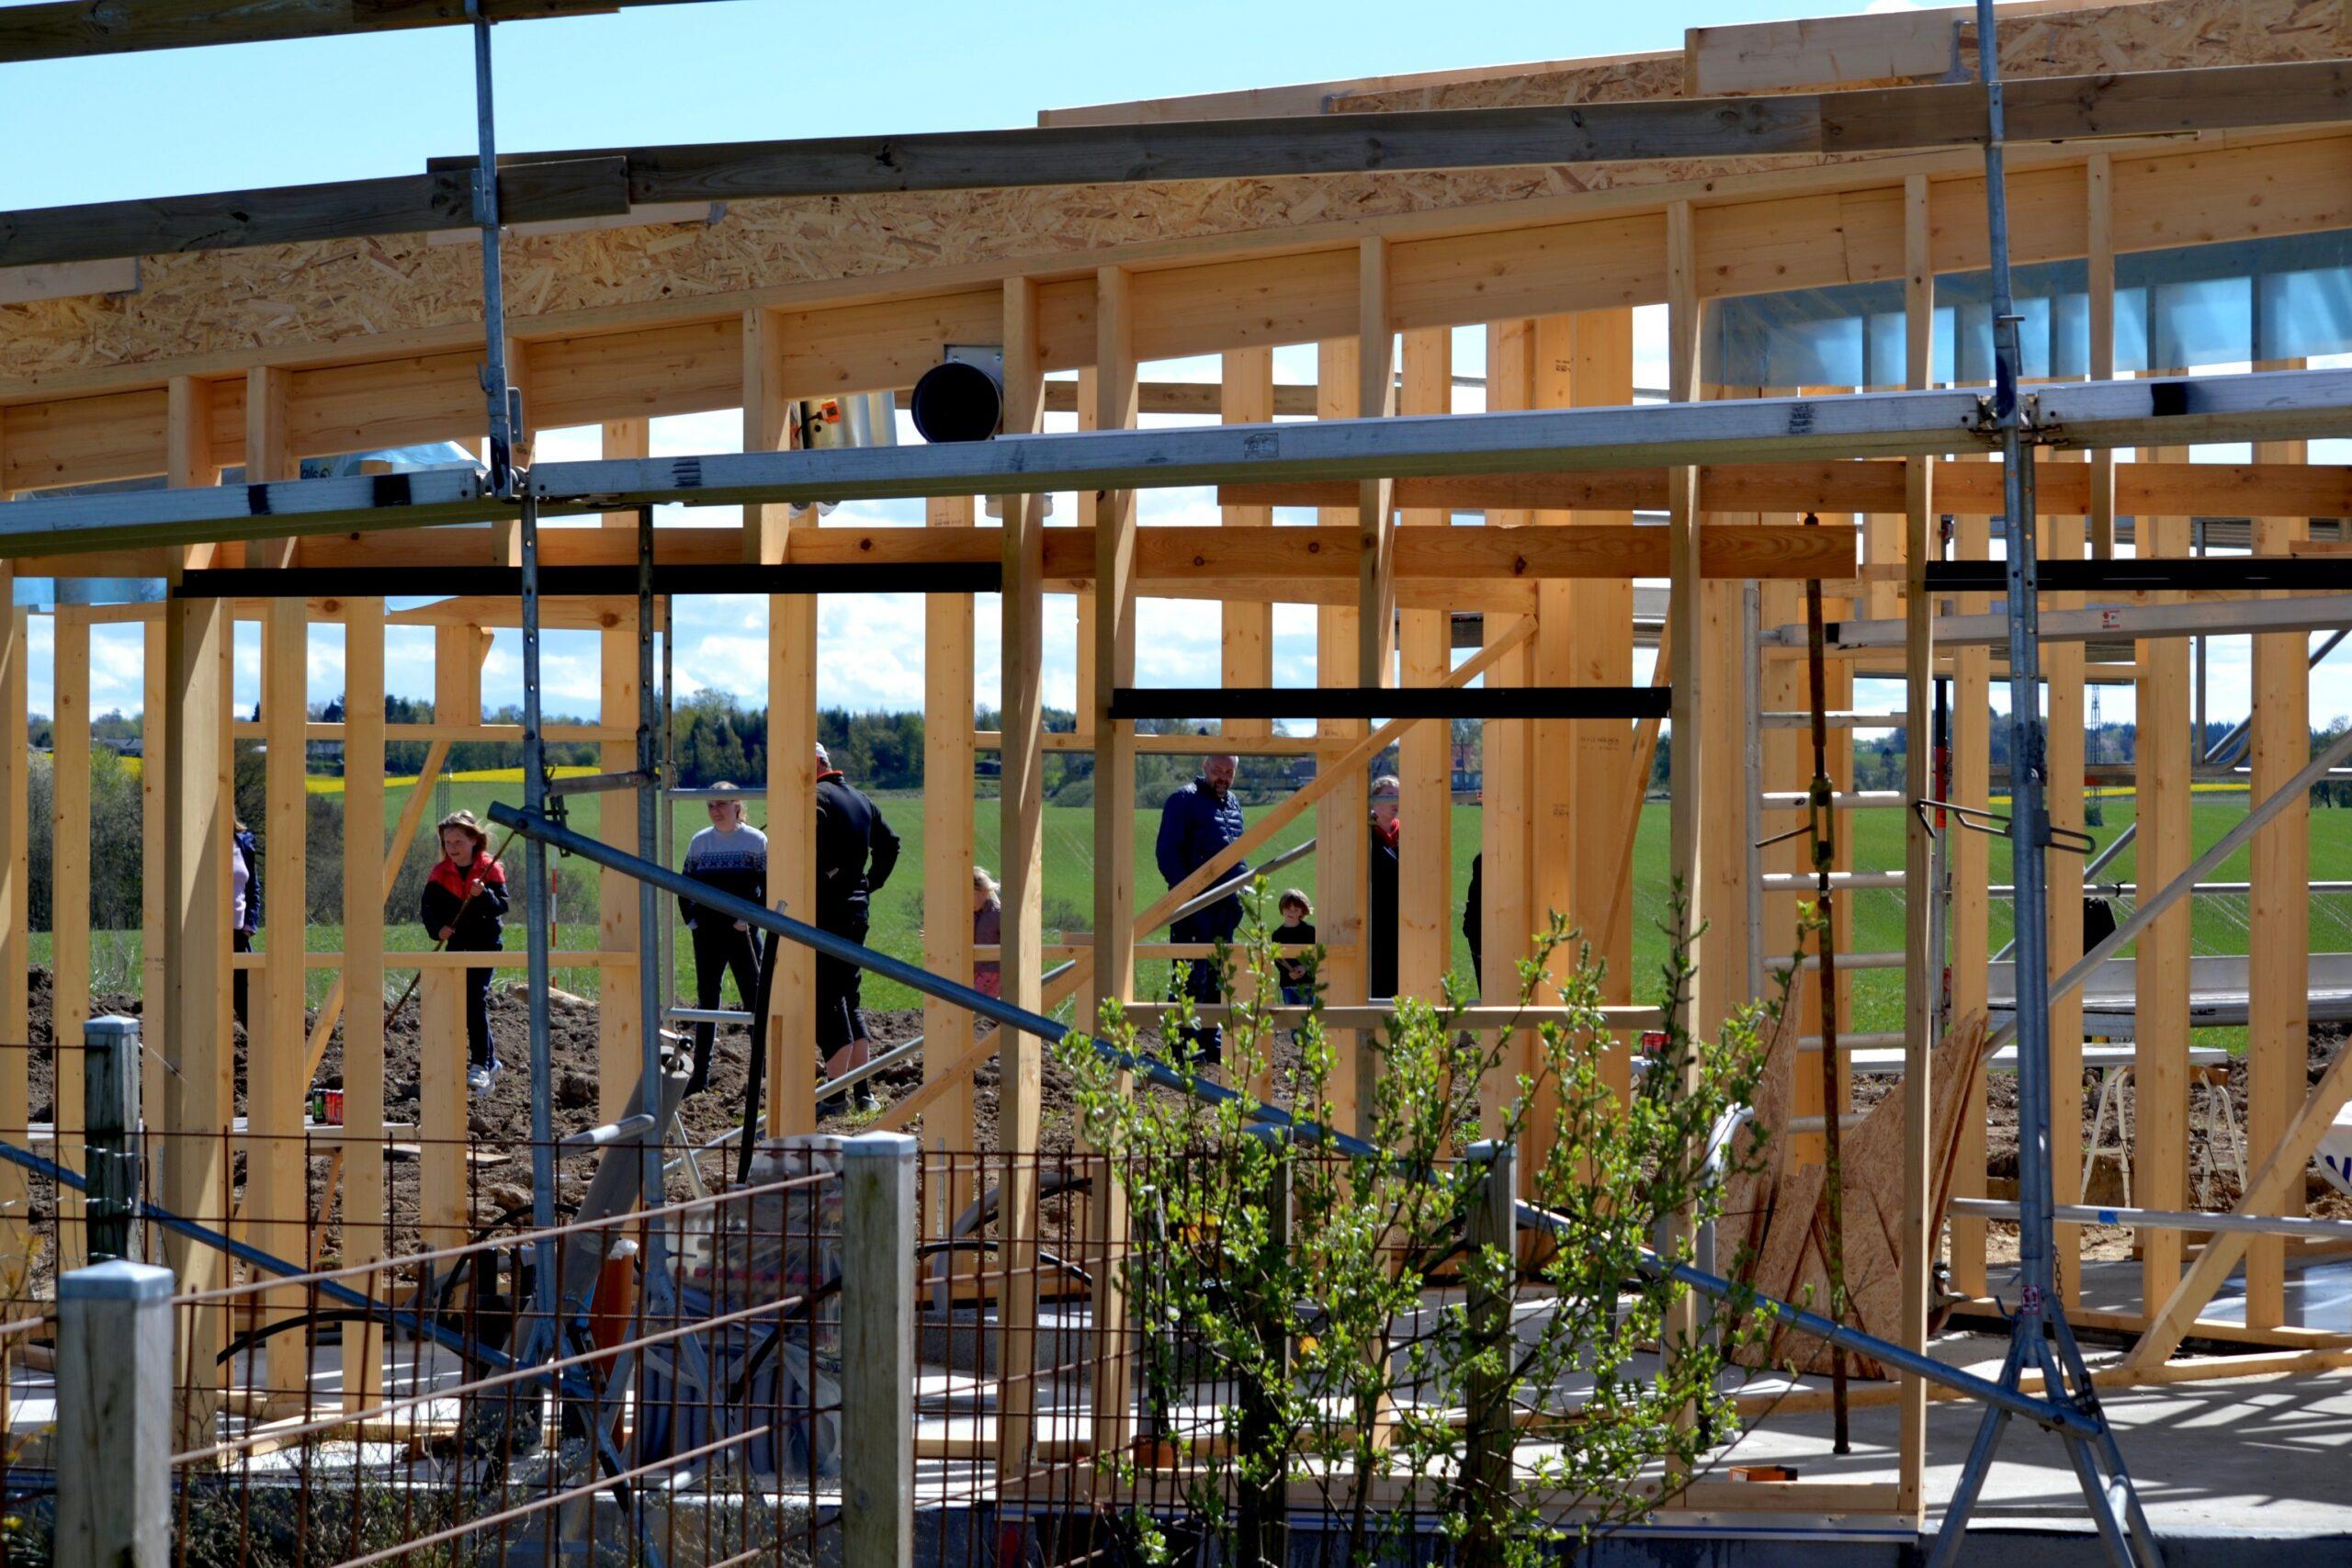 Fælleshus byggeri